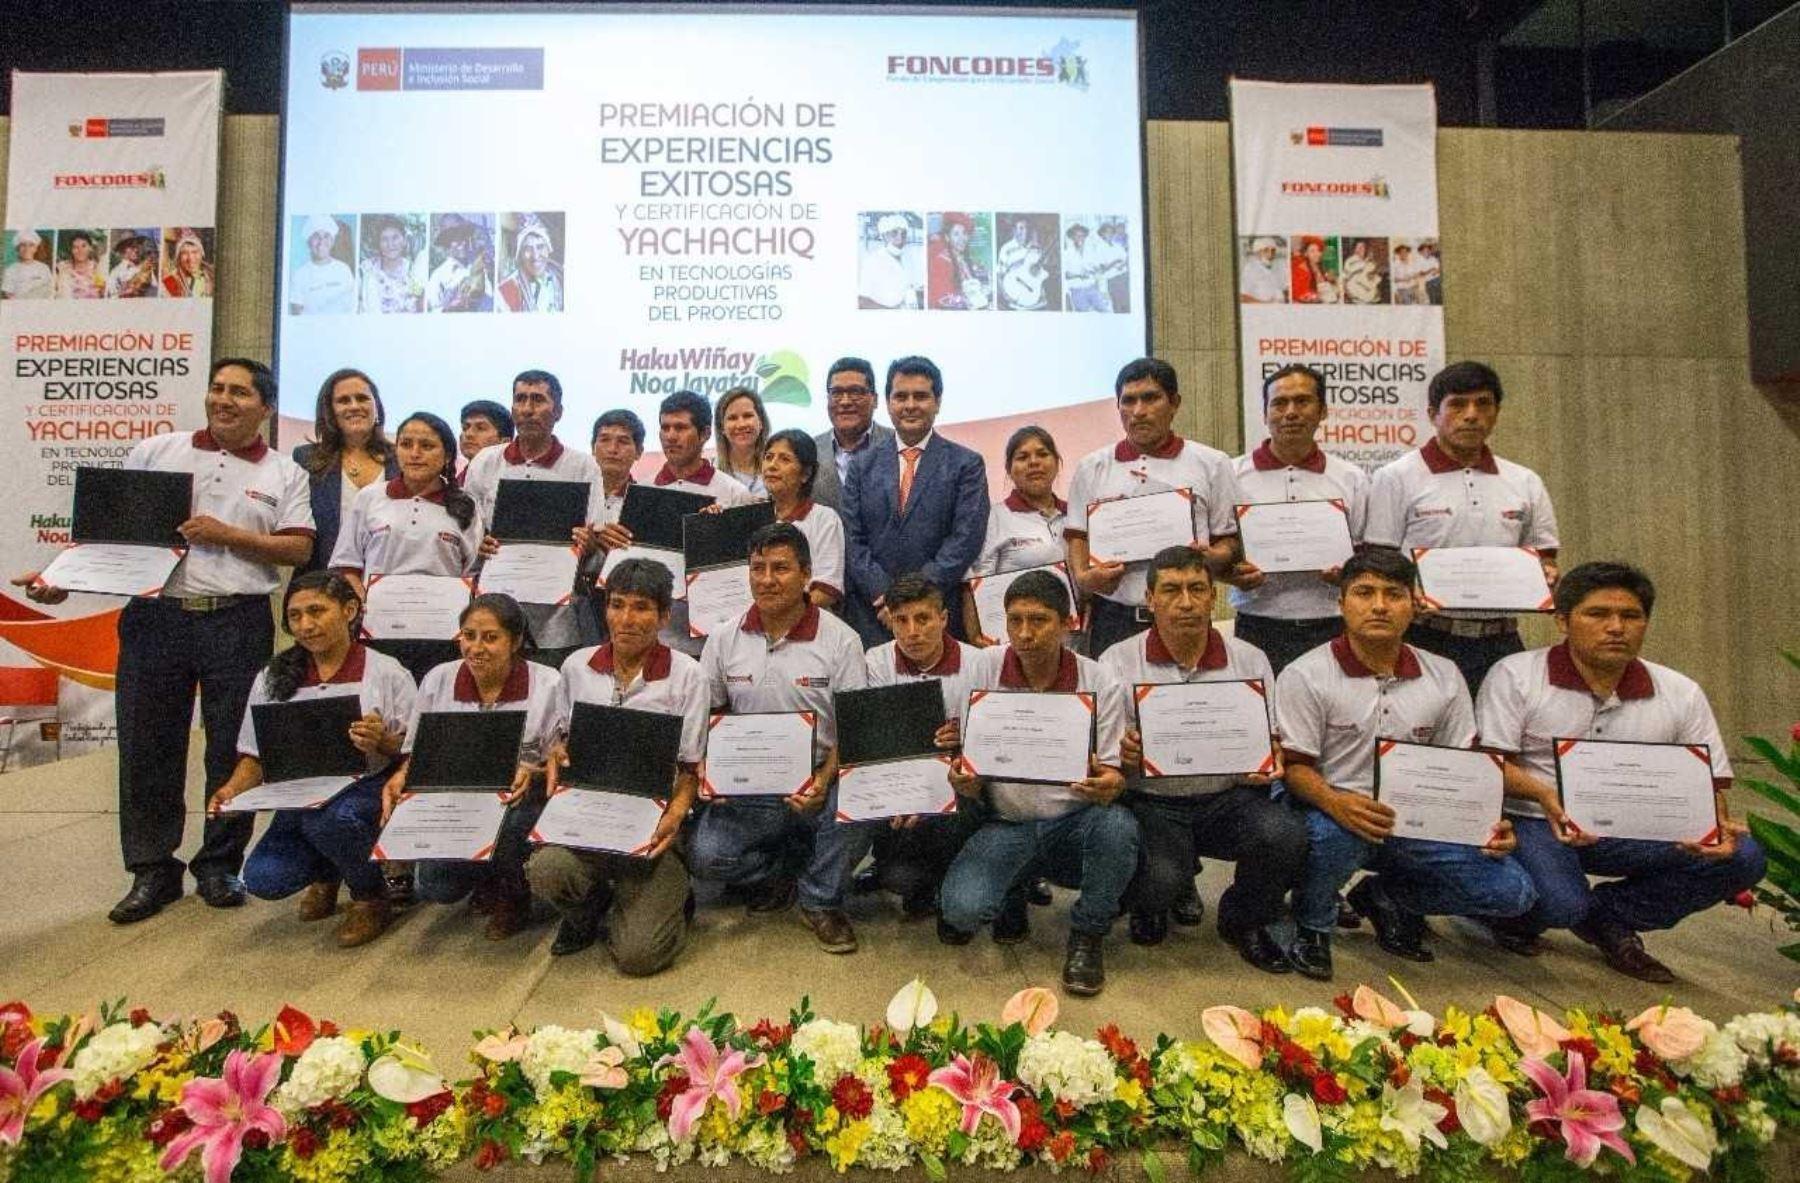 El Ministerio de Desarrollo e Inclusión Social (Midis) premió las experiencias exitosas de desarrollo de capacidades productivas y emprendimientos rurales, en el marco del Primer Concurso Nacional de Experiencias Exitosas del Proyecto Haku Wiñay/Noa Jayatai organizado por el Foncodes.